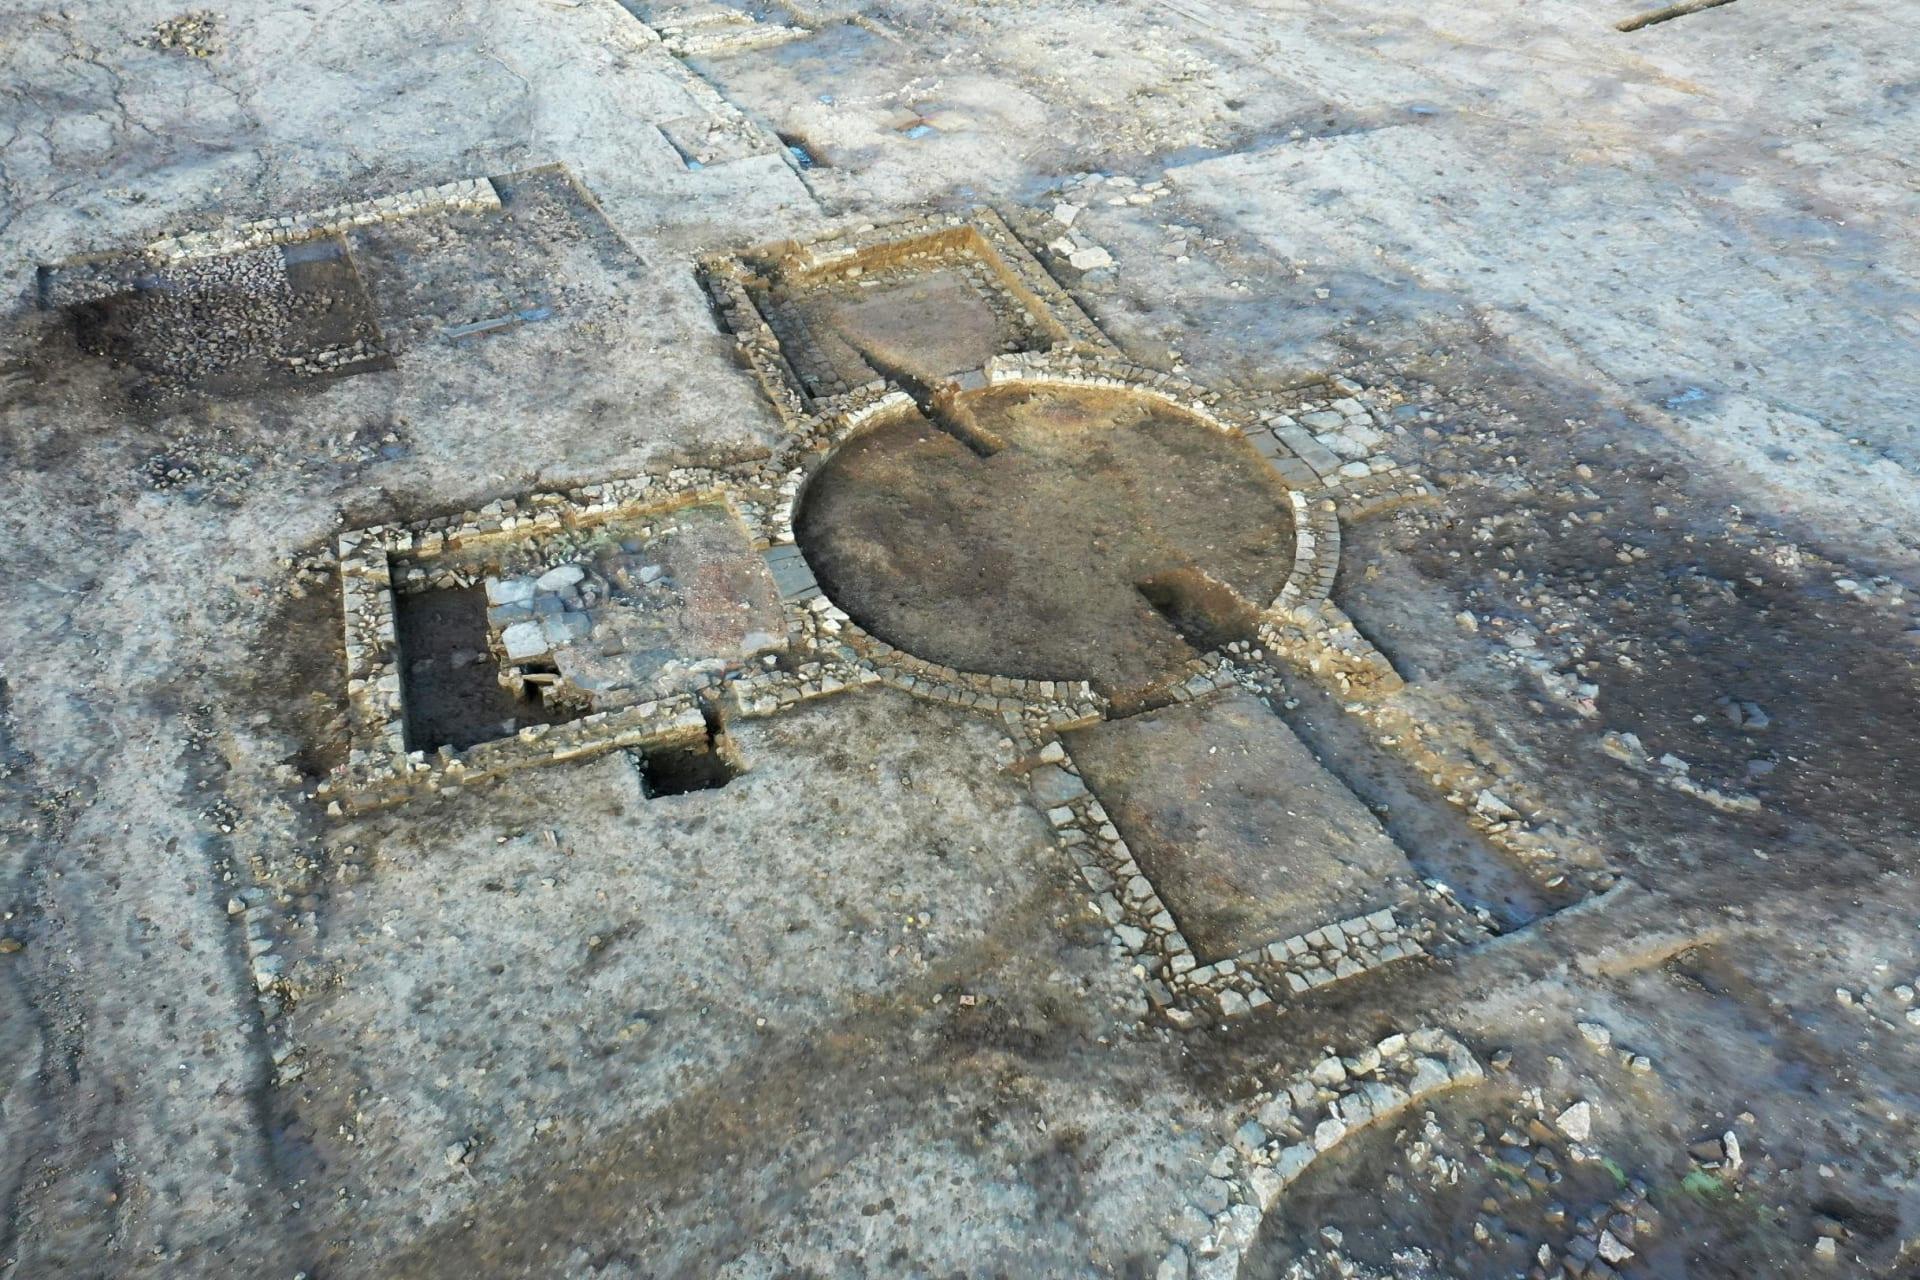 اكتشاف نادر بإنكلترا.. العثور على فيلا رومانية تتمتع بمكانة عالية وحمام قديم